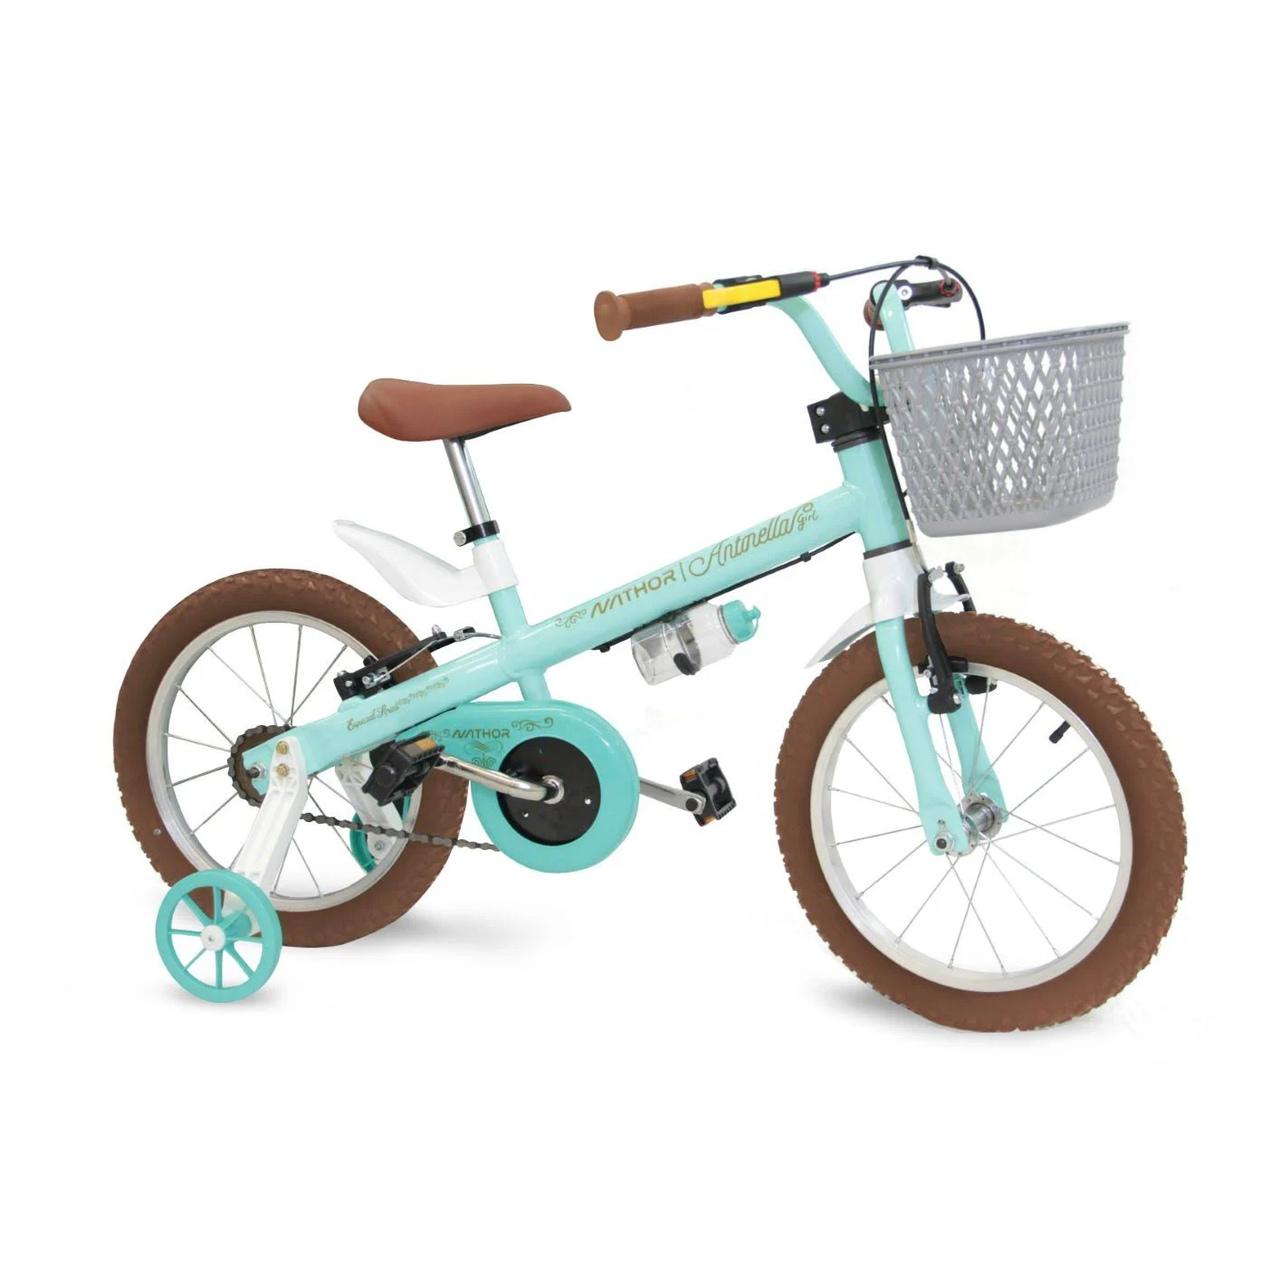 Bicicleta infantil aro 16 Antonella verde